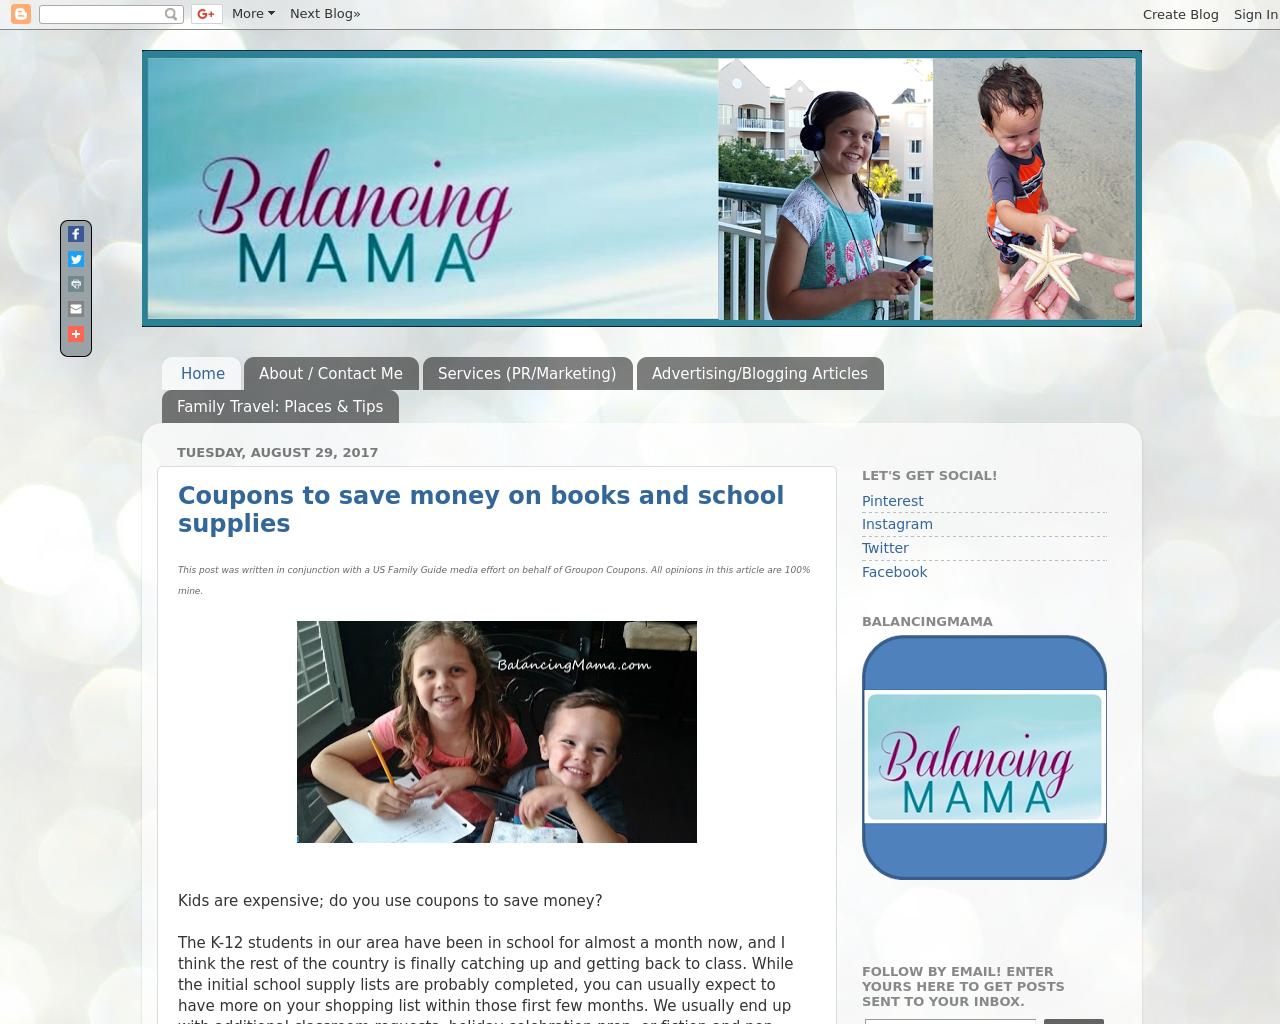 Balancing-MAMA-Advertising-Reviews-Pricing